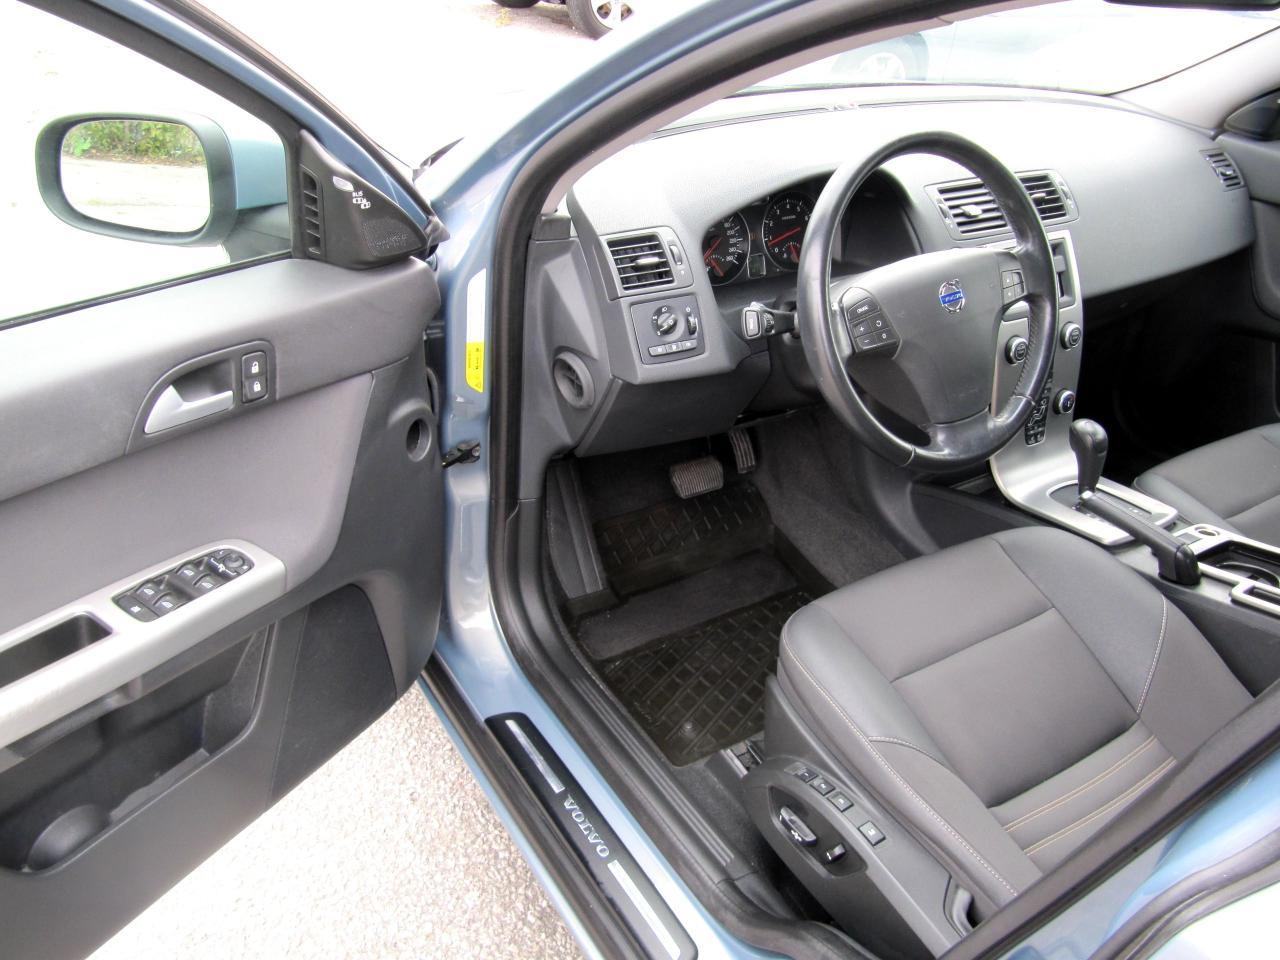 2008 Volvo S40